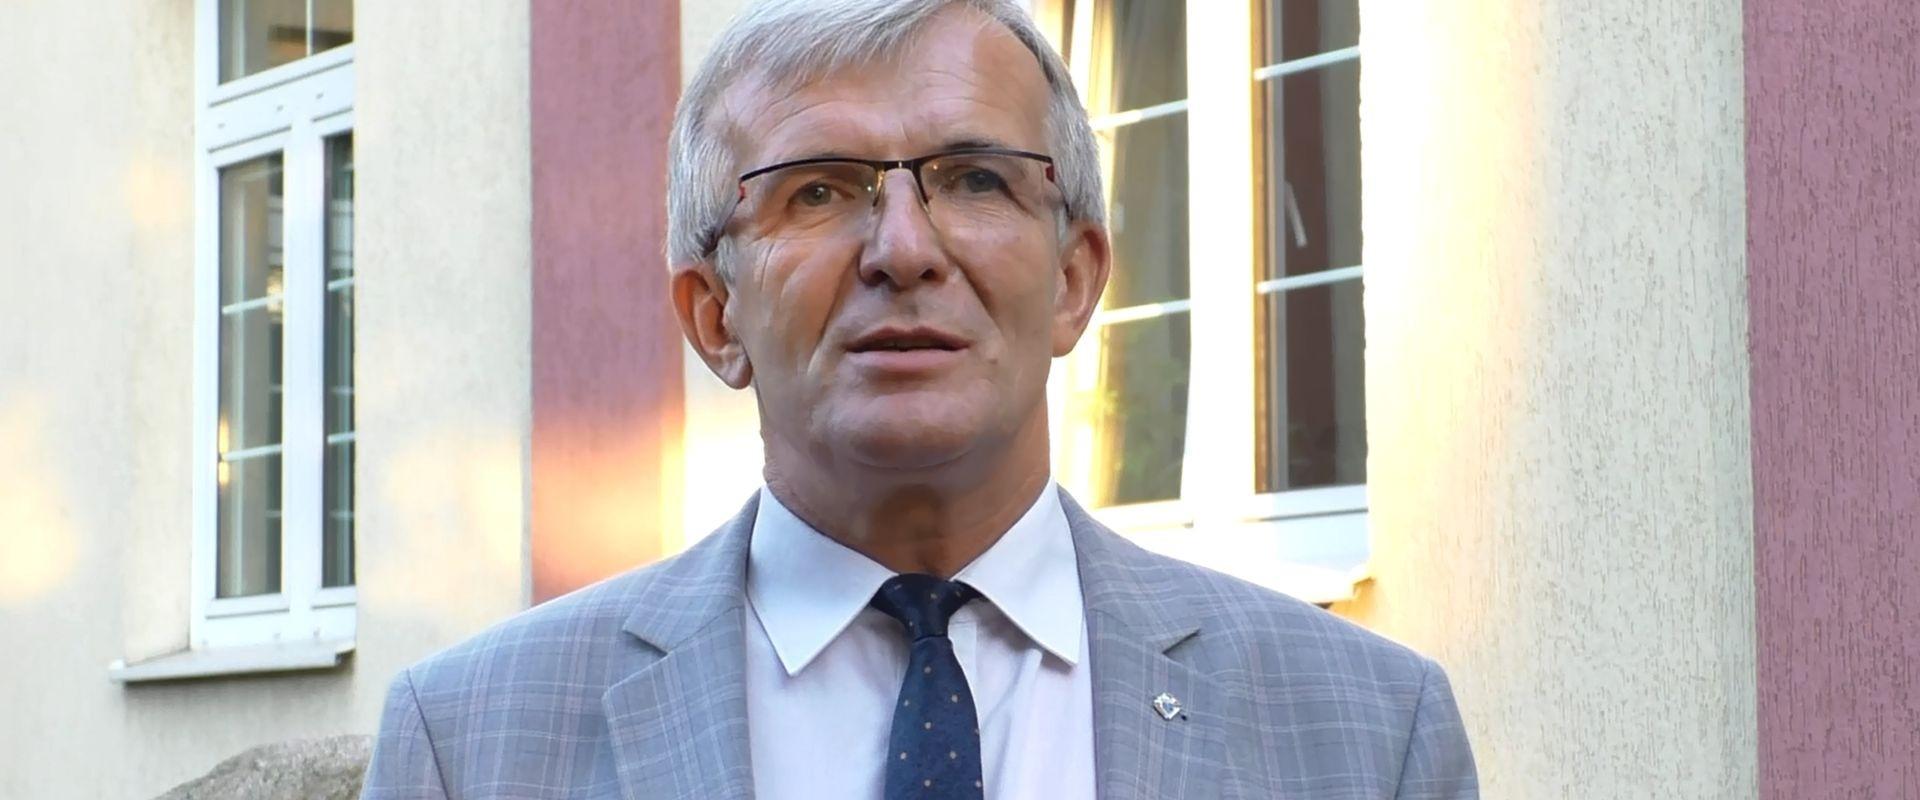 Tomasz Łyżwa o blokowaniu wypowiedzi radnych